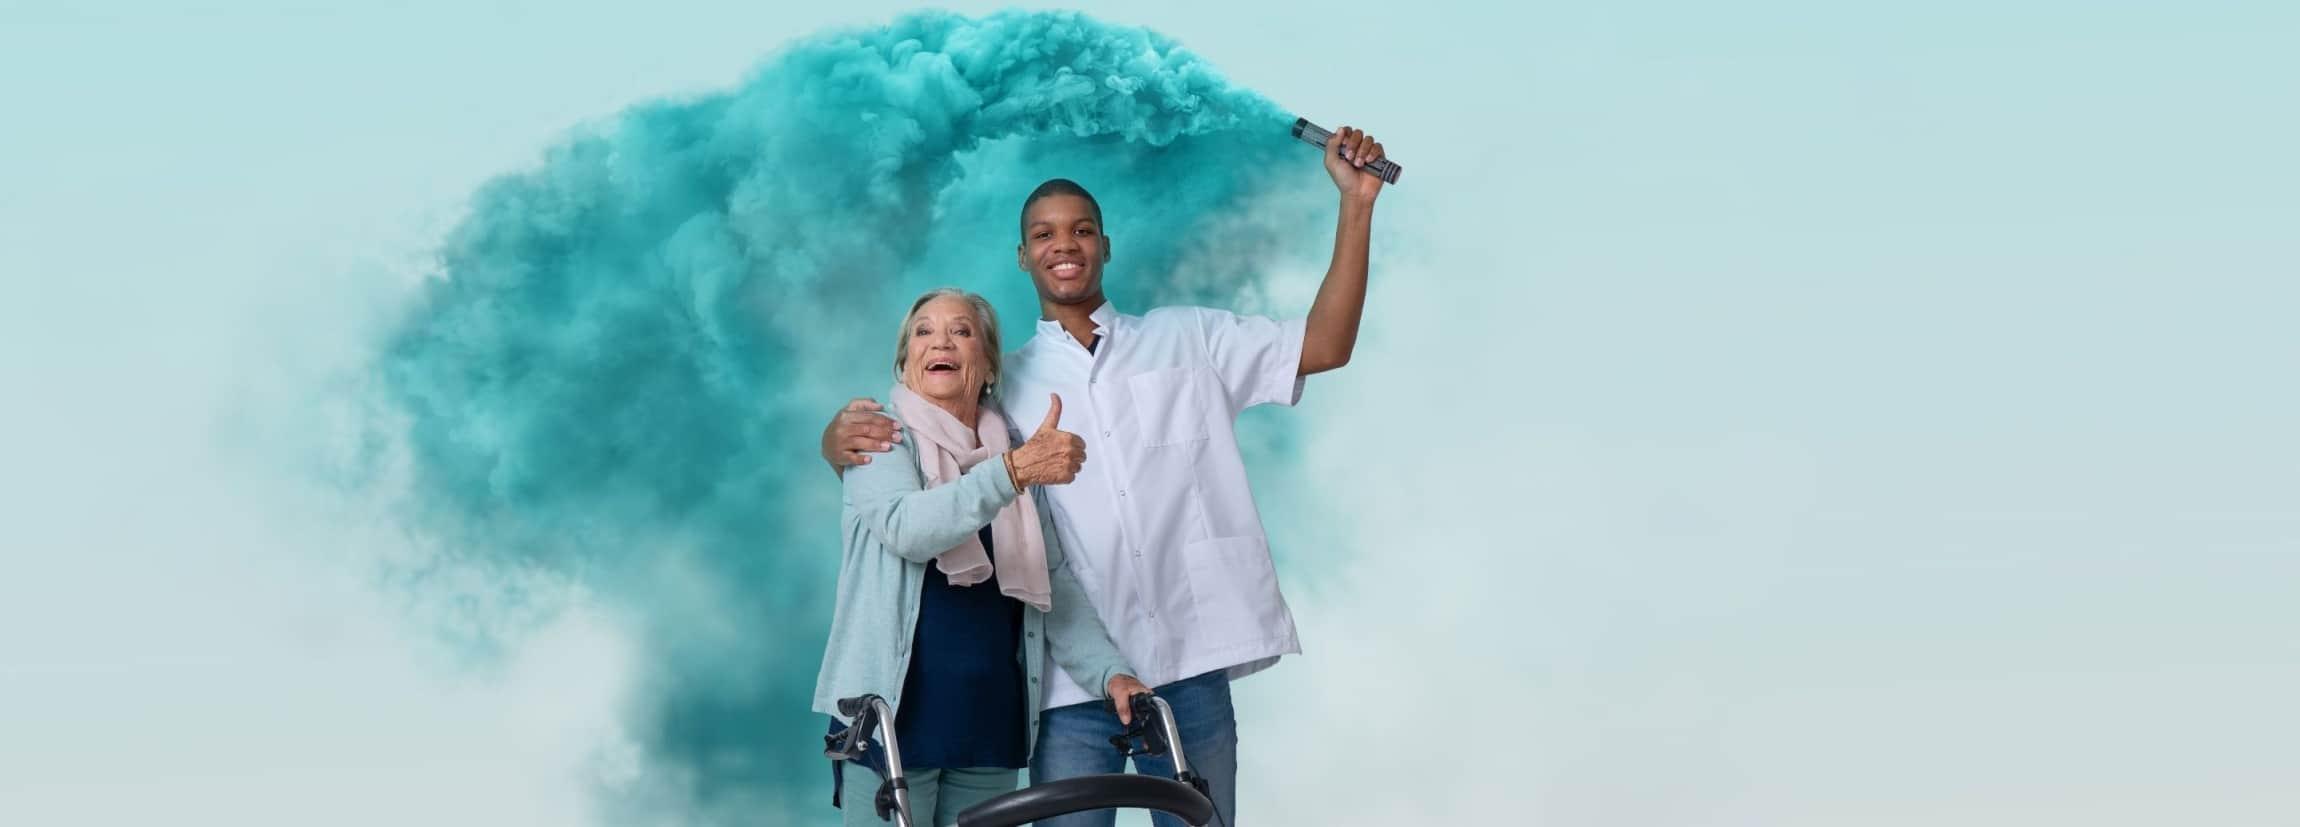 Mannelijke verzorgende met getinte huidskleur omarmt een oudere vrouw en houdt fakkel blauwe rook vast